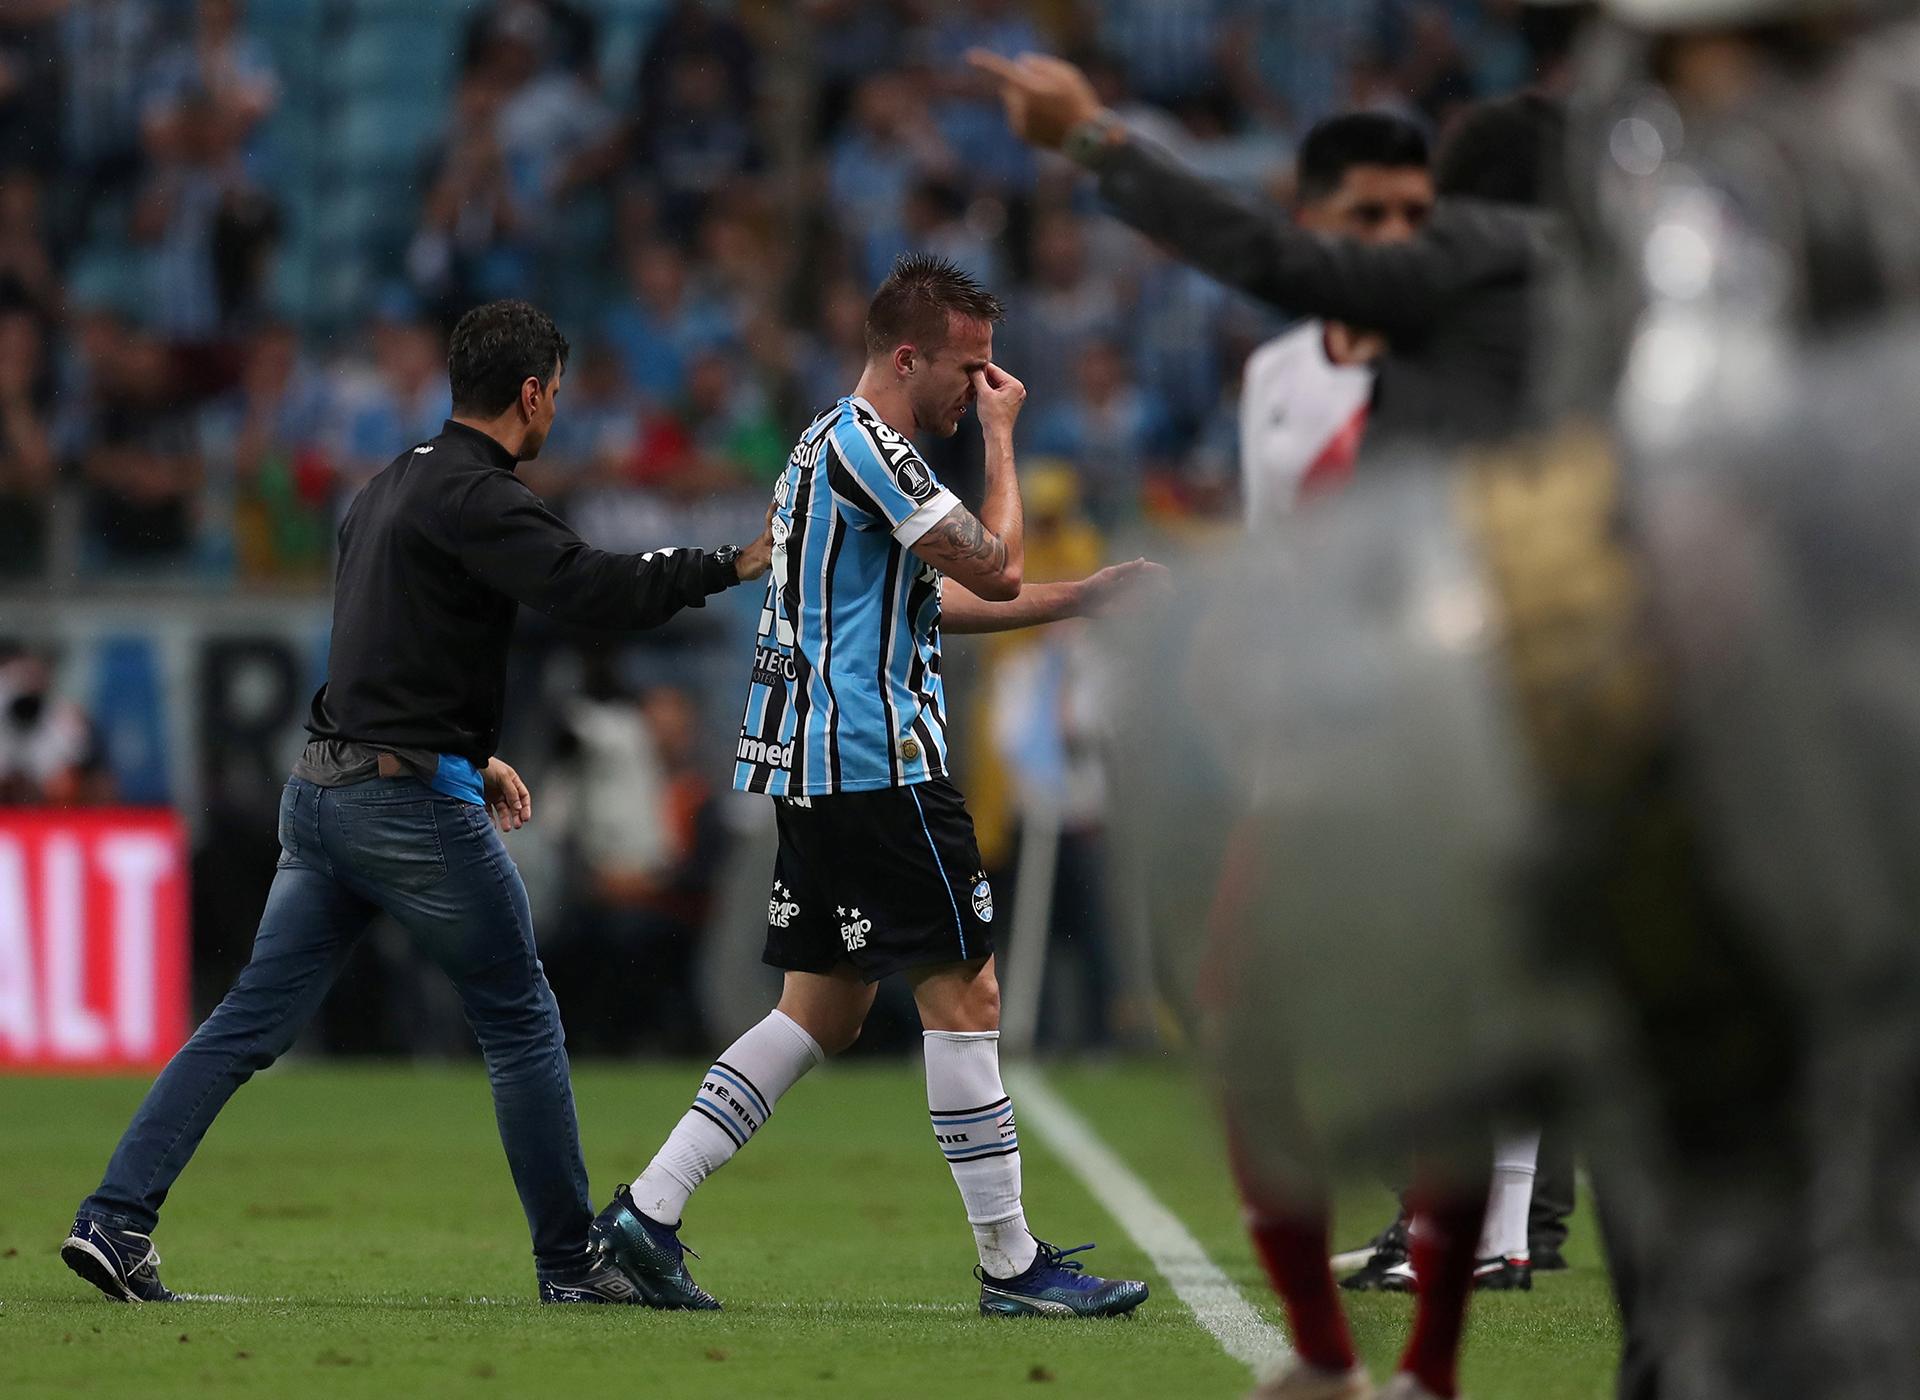 Bressan, jugador de Gremio, deja el campode juego entre lágrimas ante la eliminación de la Copa Libertadores de América(REUTERS)